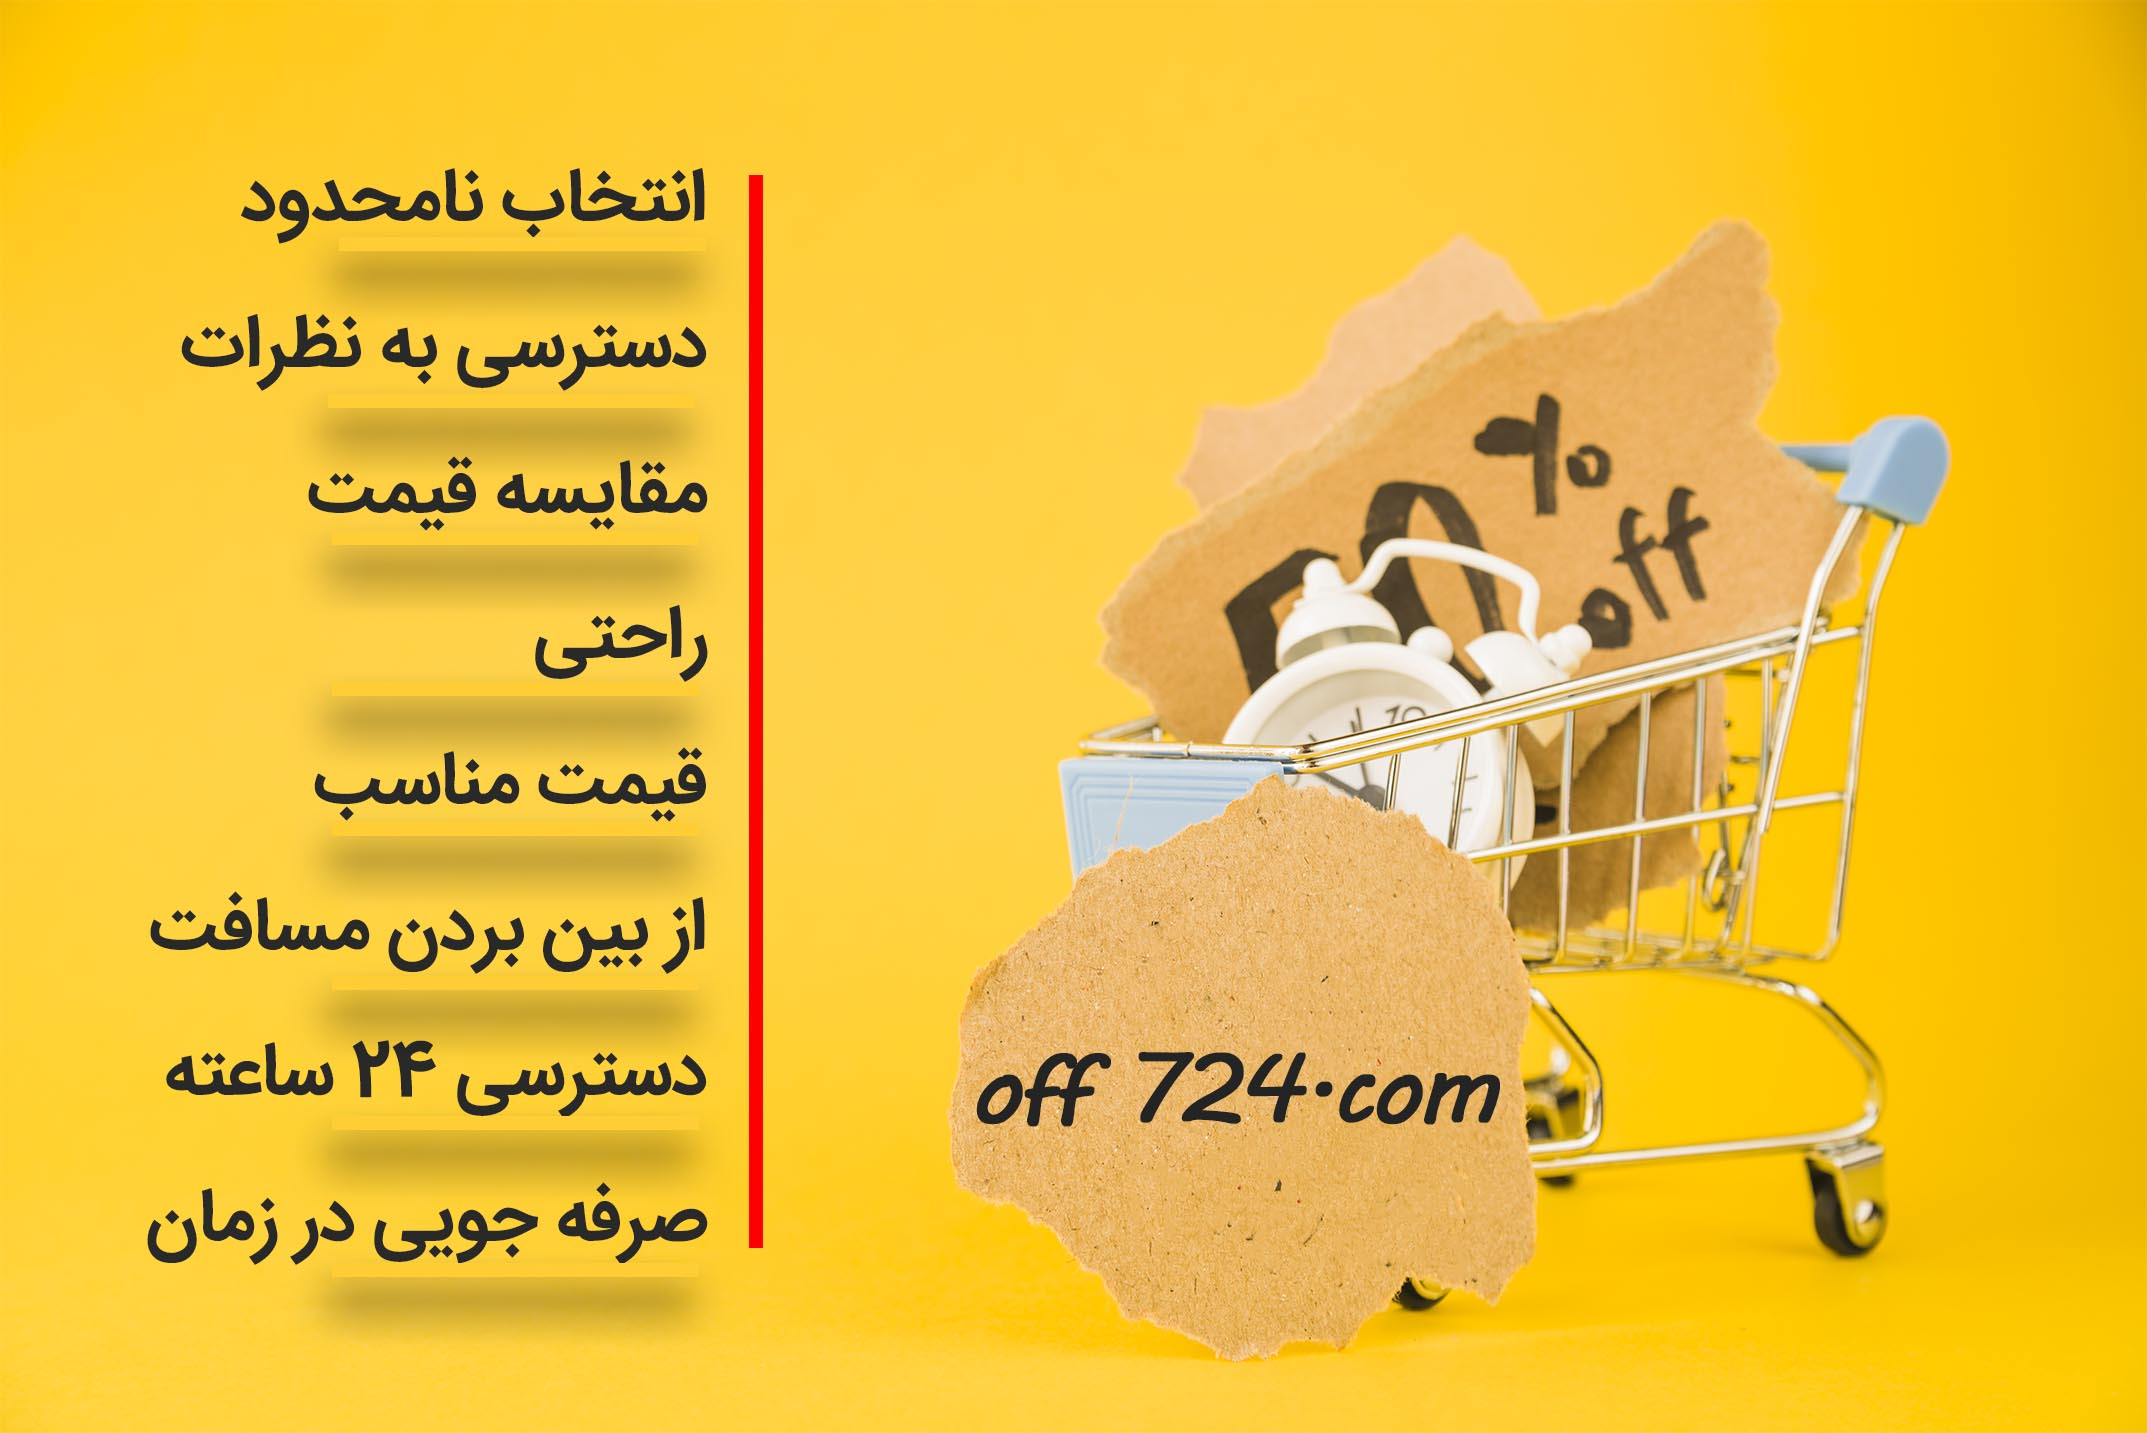 خرید آنلاین: چگونه در خرید آنلاین از خود محافظت کنیم؟